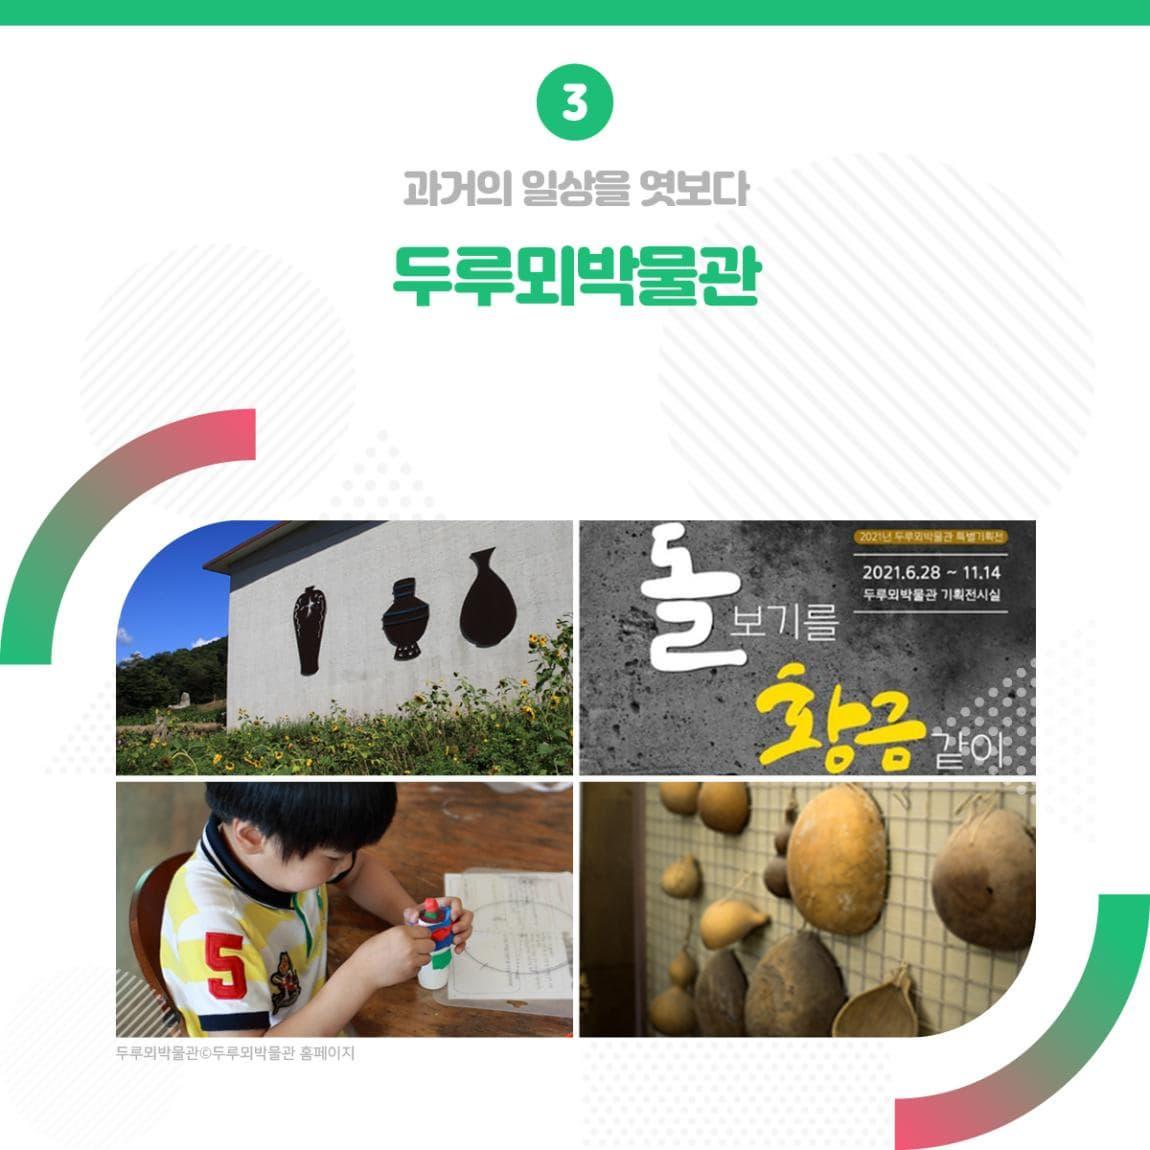 03. 과거의 일상을 엿보다 <두루뫼박물관>